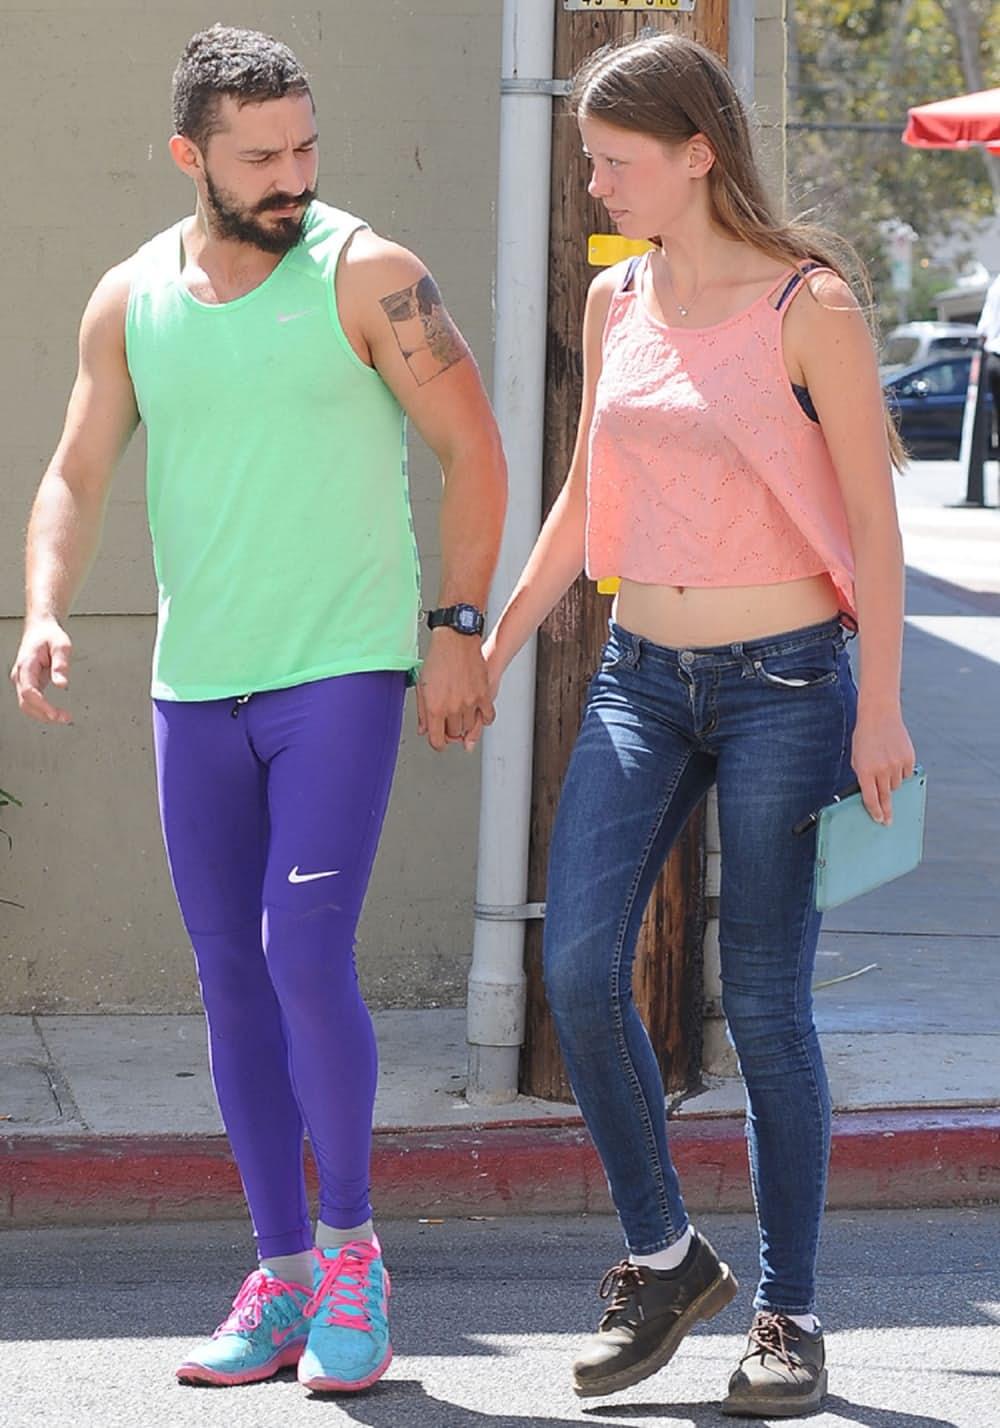 14位「最不應該脫下瑜珈褲」的瑜伽褲HOLD不著爆性感女星。#14害我需要買新眼鏡啦!